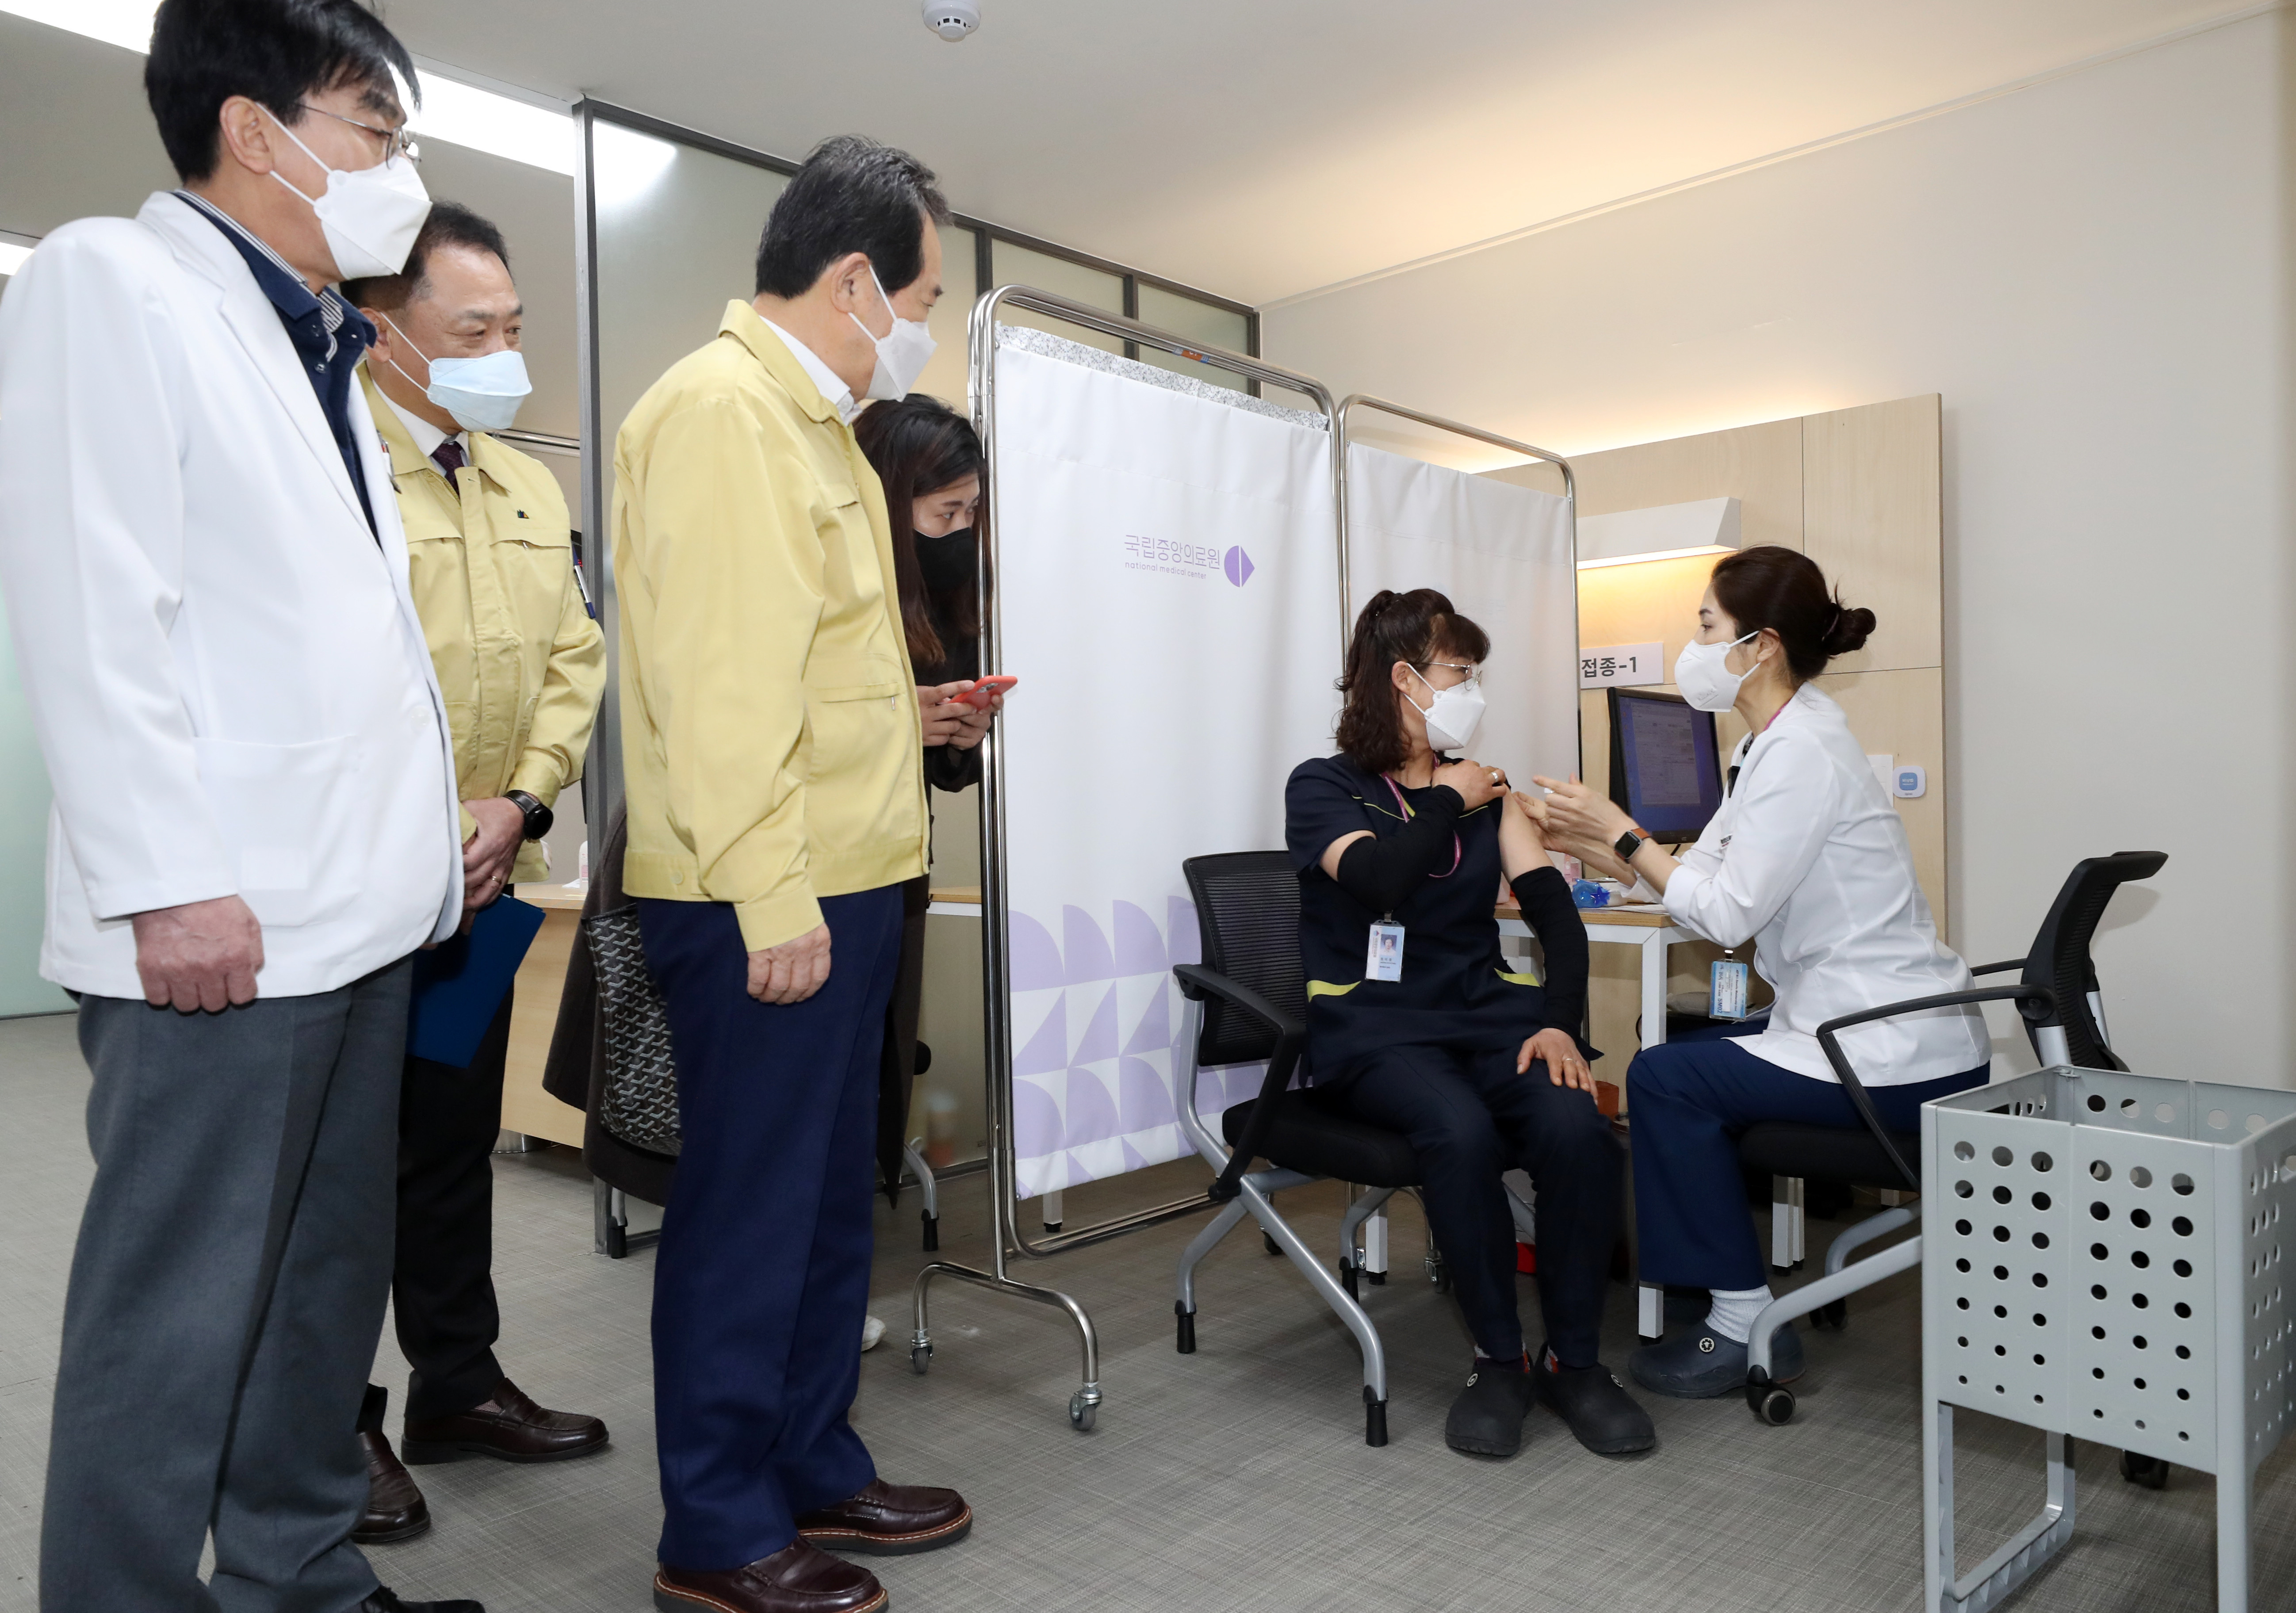 ▲▼丁世均前往現場視察,並訪問首名疫苗接種者鄭美敬的接種心得。(圖/達志影像)